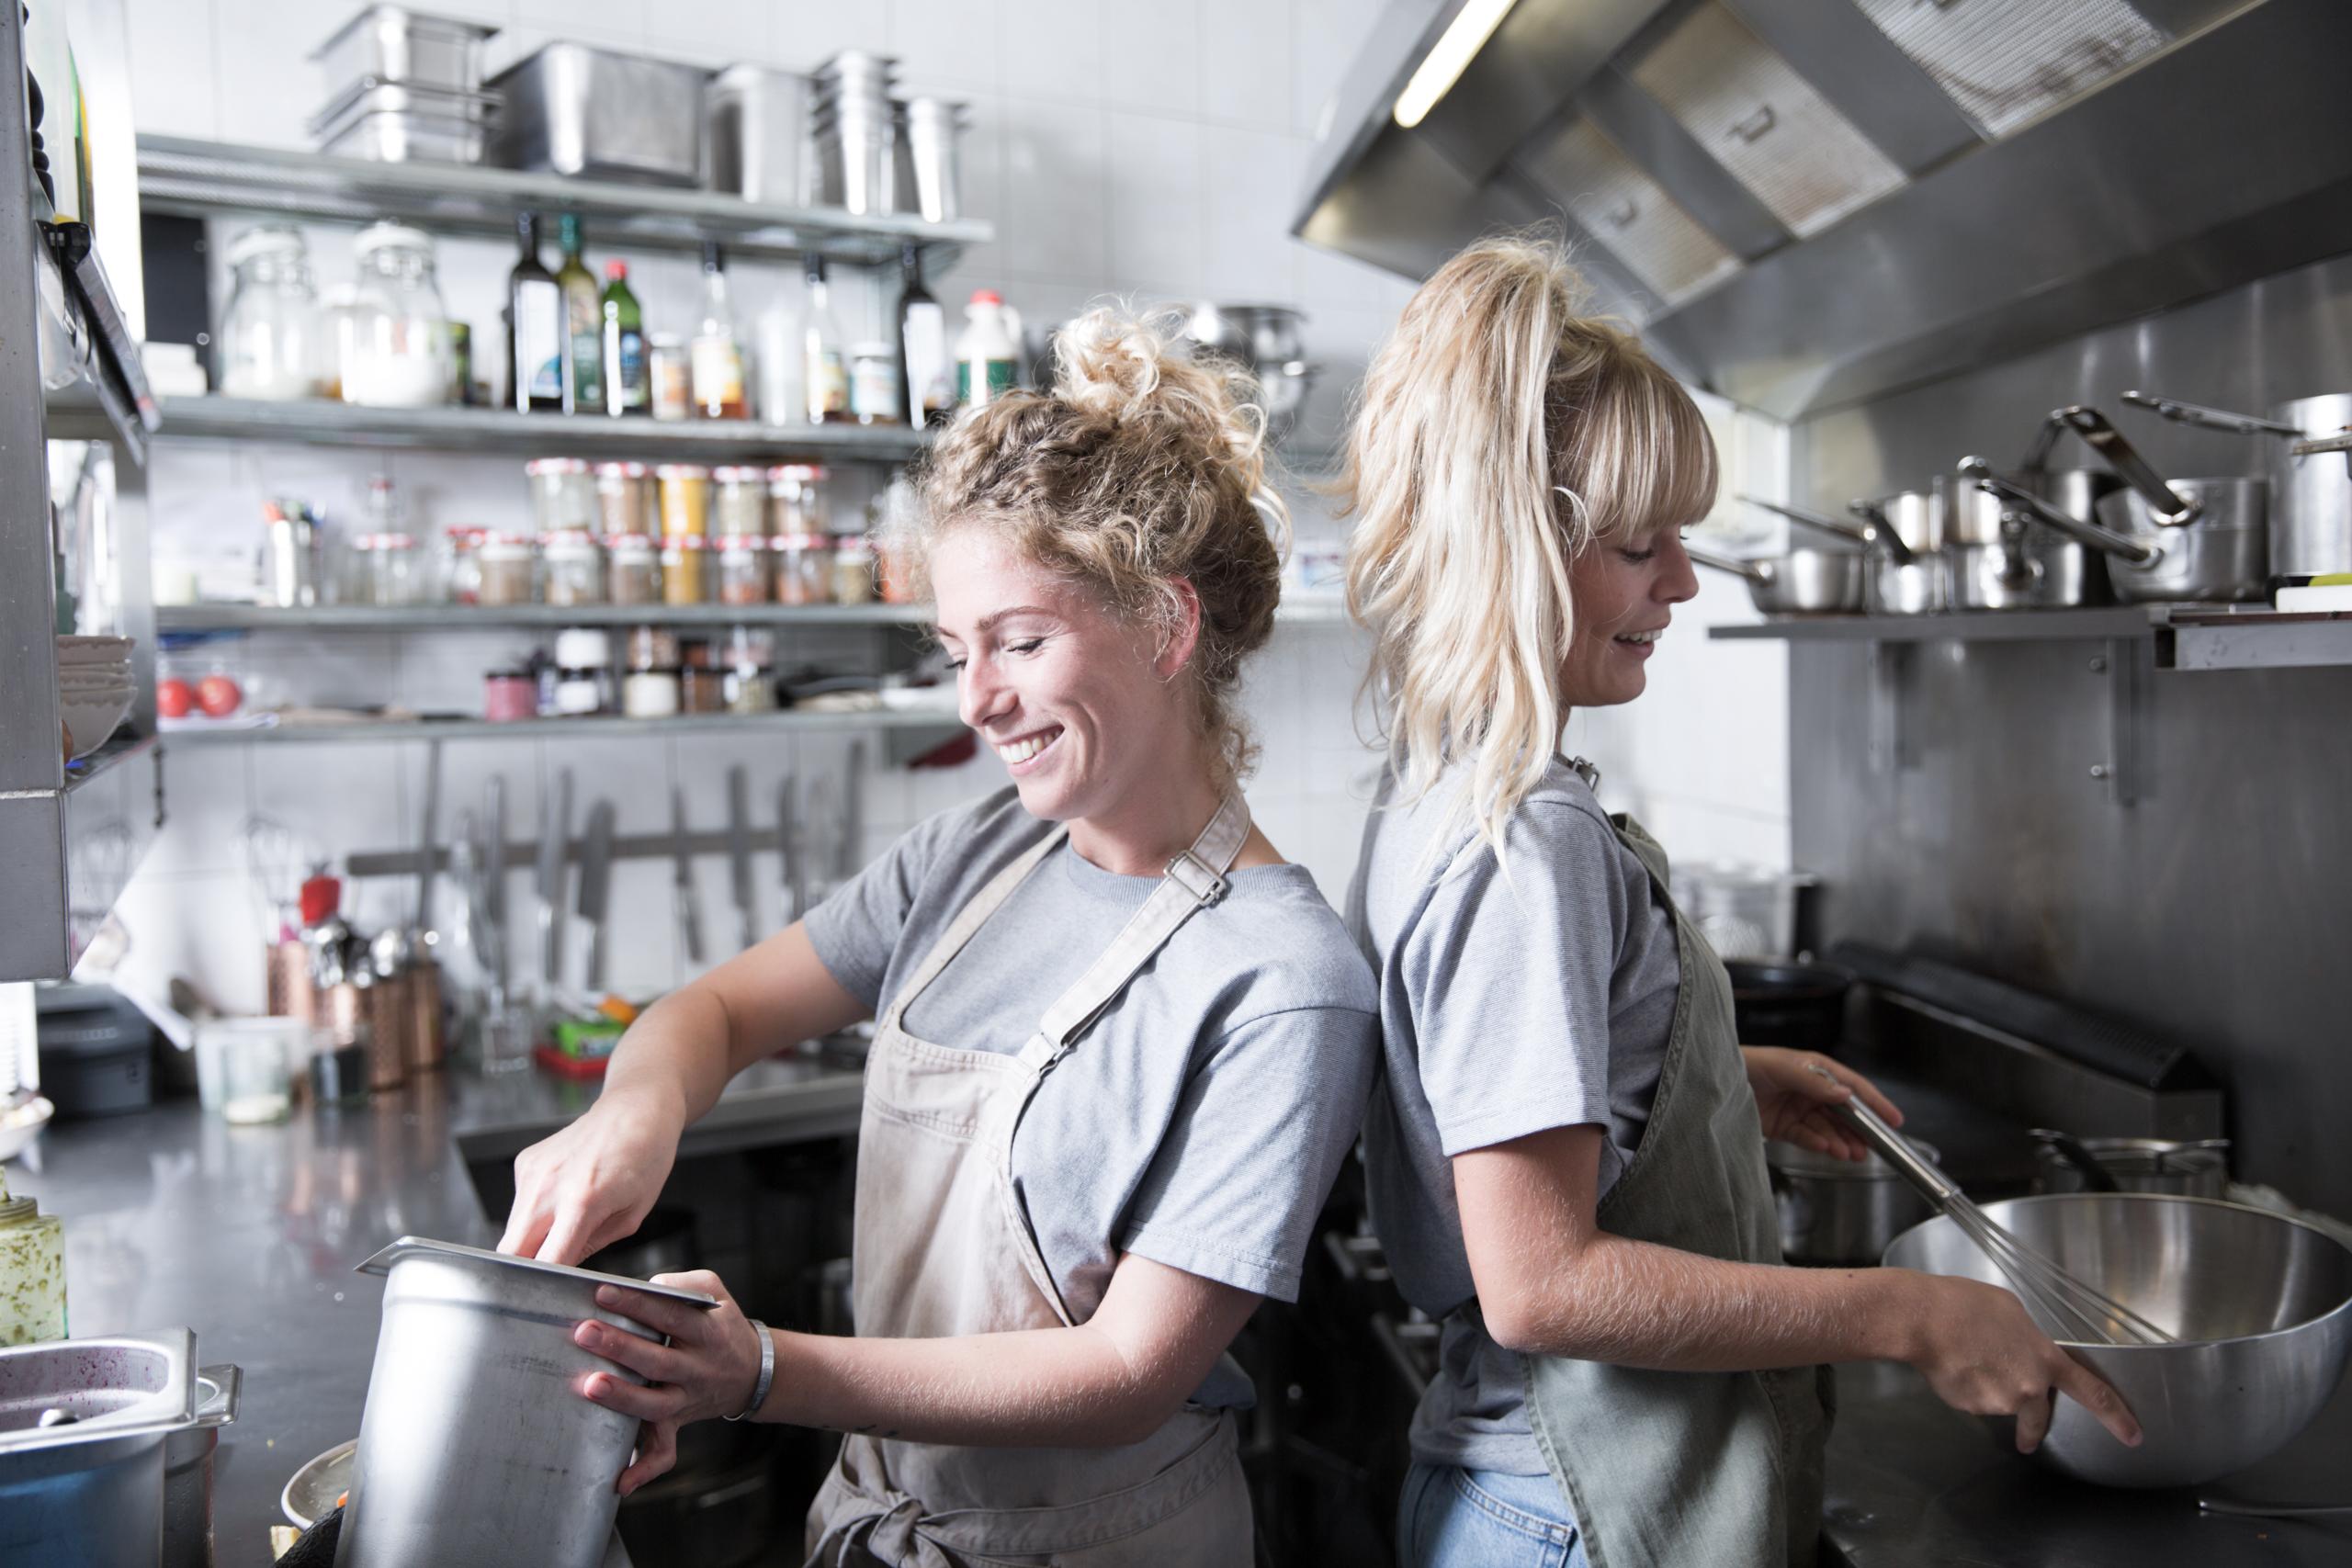 Kookworkshop, restaurant bijzonder, verantwoord koken, gezond koken, biologisch koken, vegetarisch koken, veganistisch koken, lekker koken, leren koken, met vriendinnen koken, gezelligheid